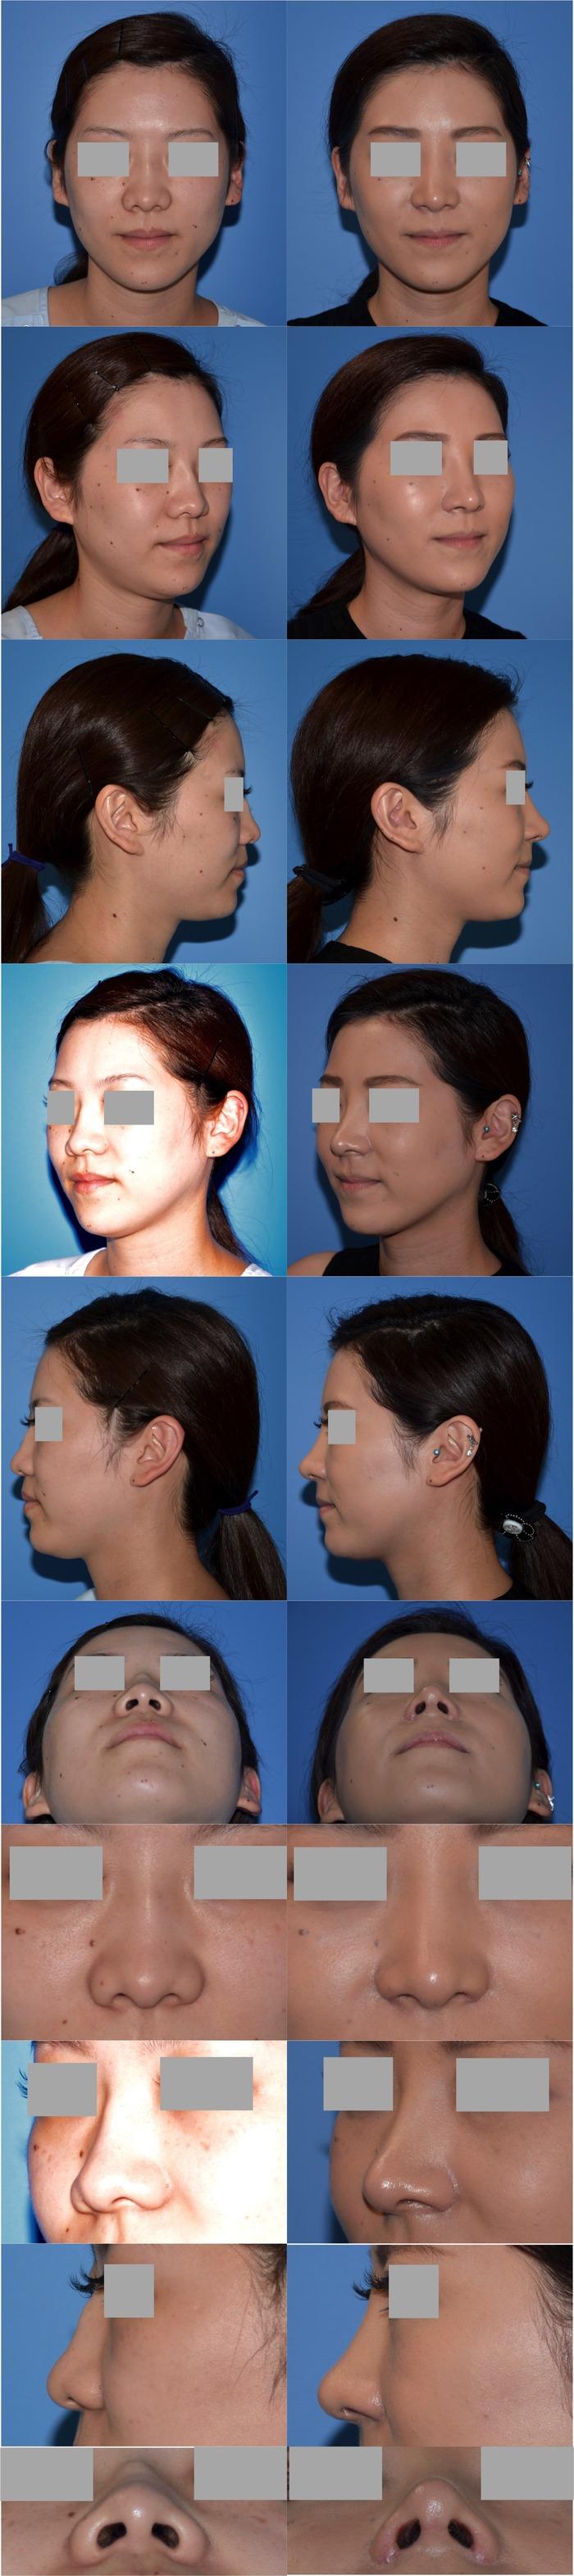 鼻中隔延長術 鼻翼挙上 隆鼻術